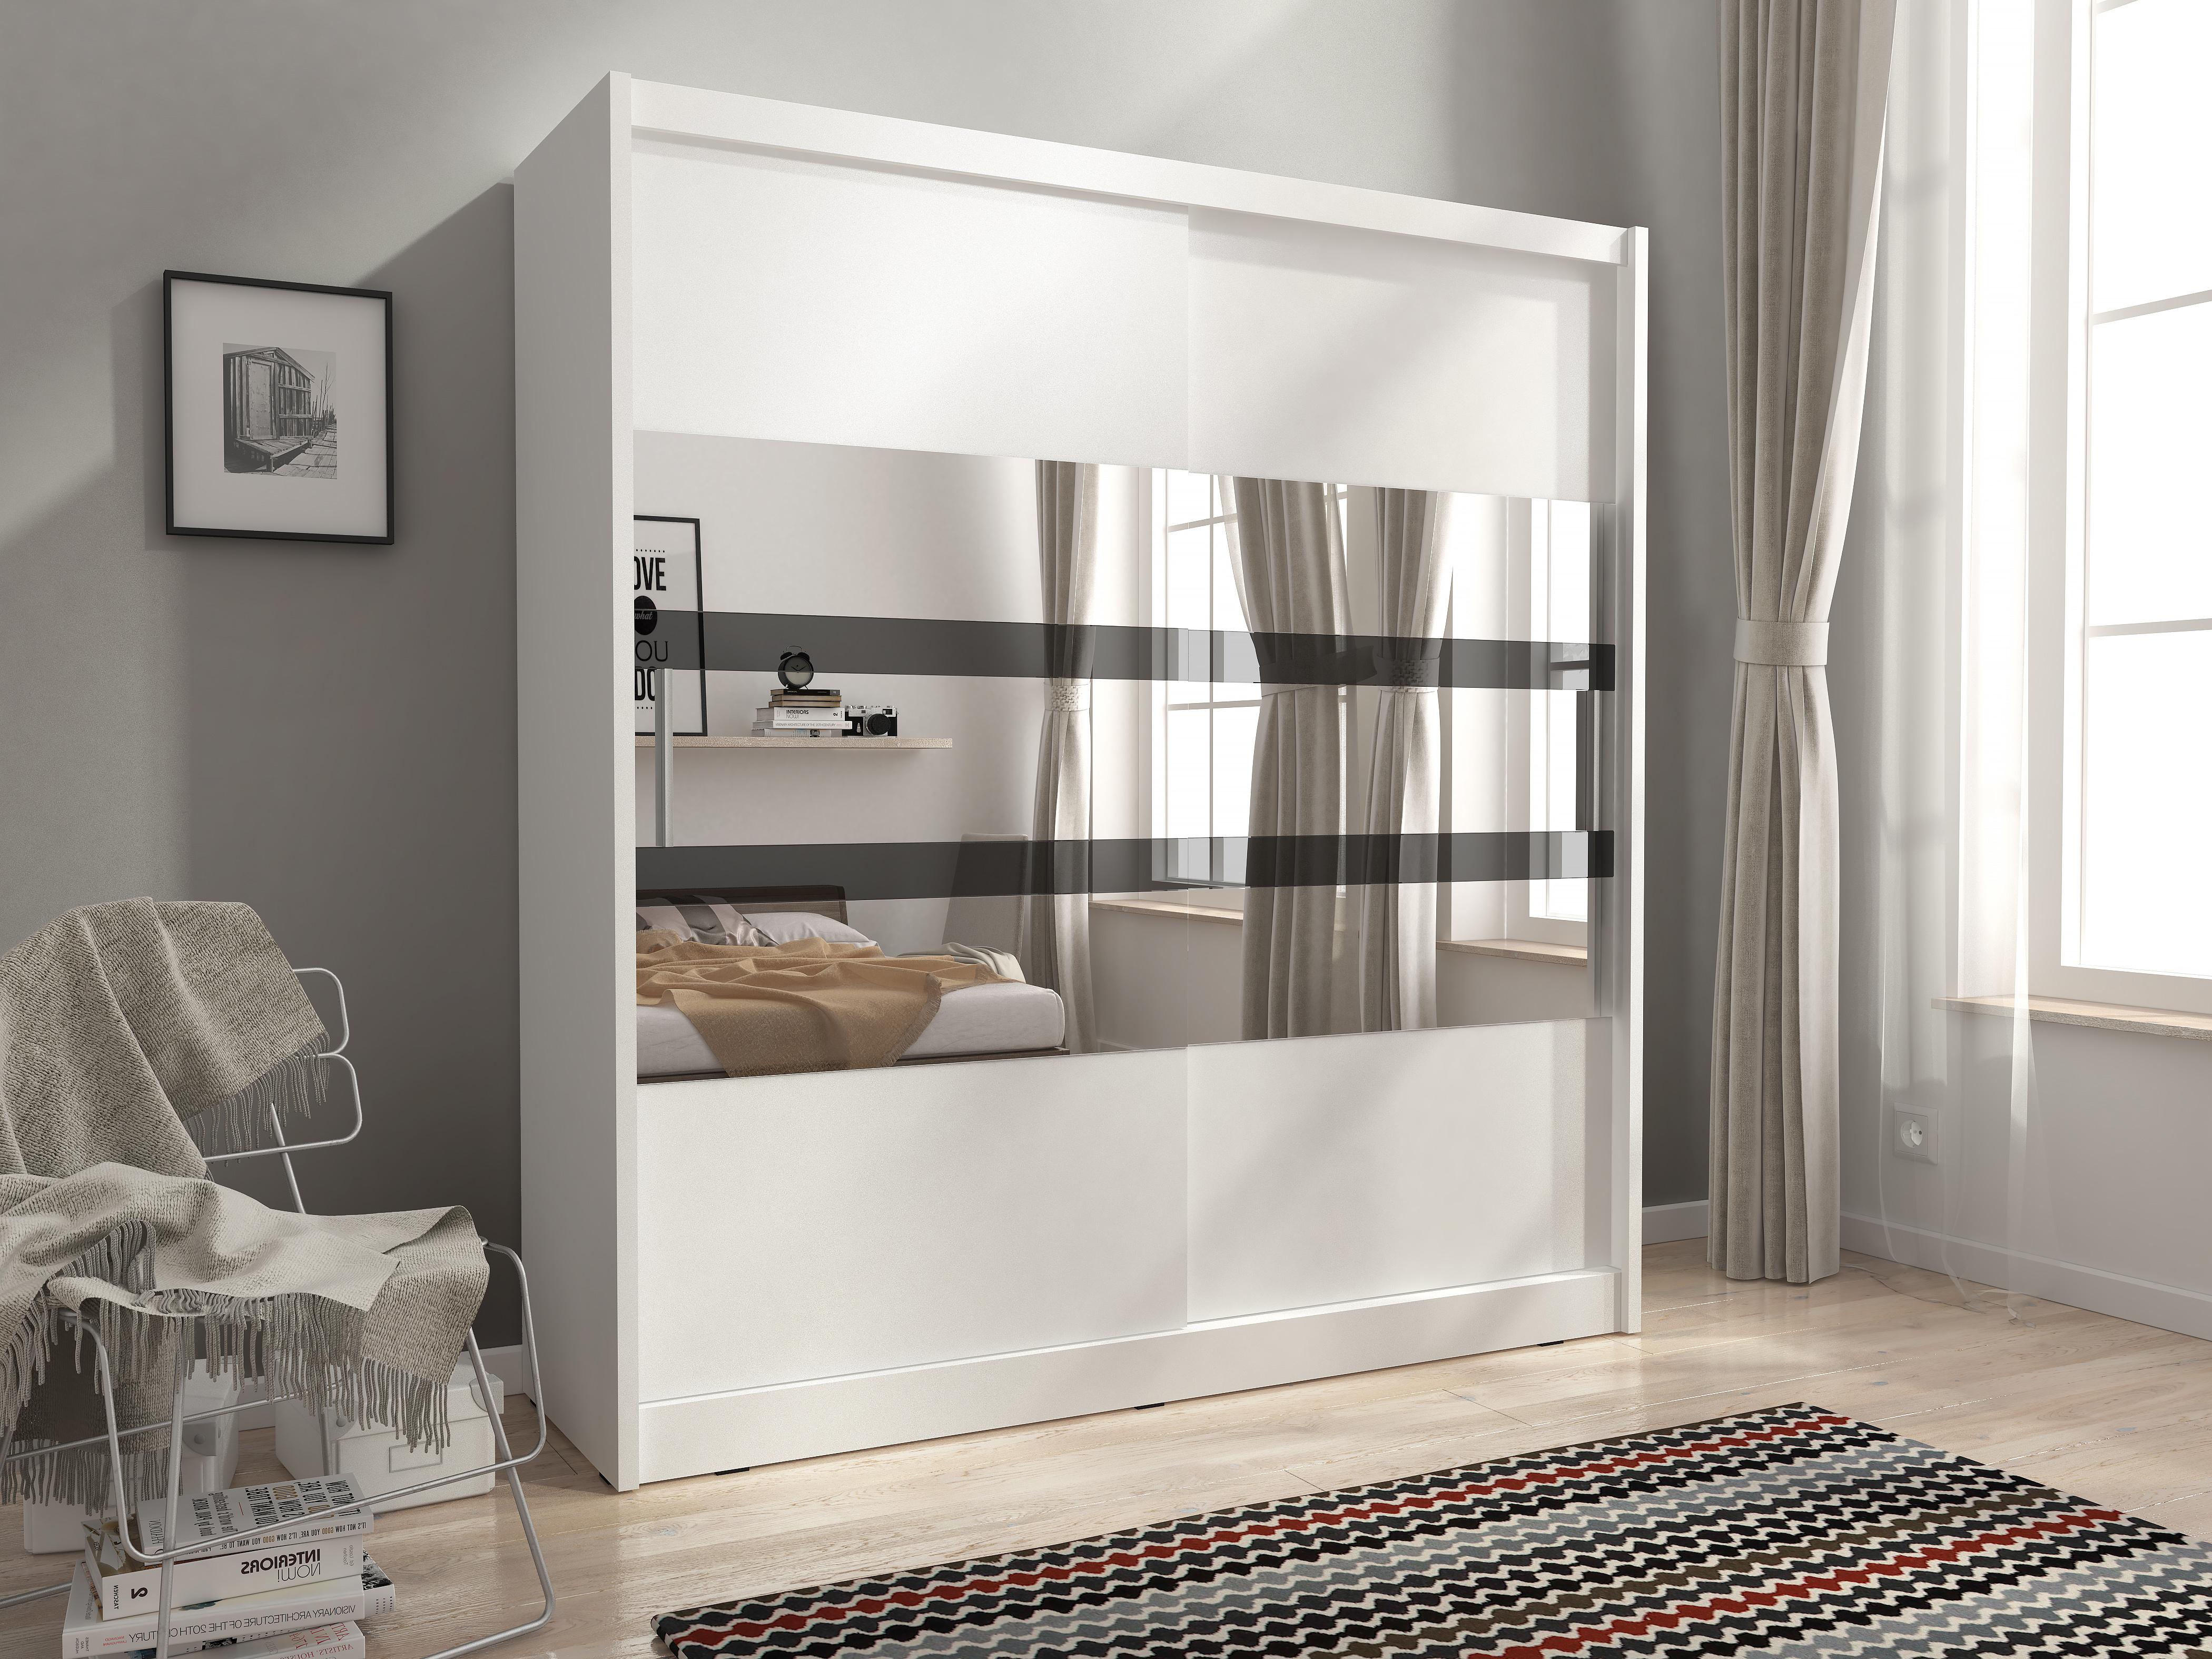 Smartshop Skříň MAJA V se zrcadlovými pruhy 180 cm, bílá